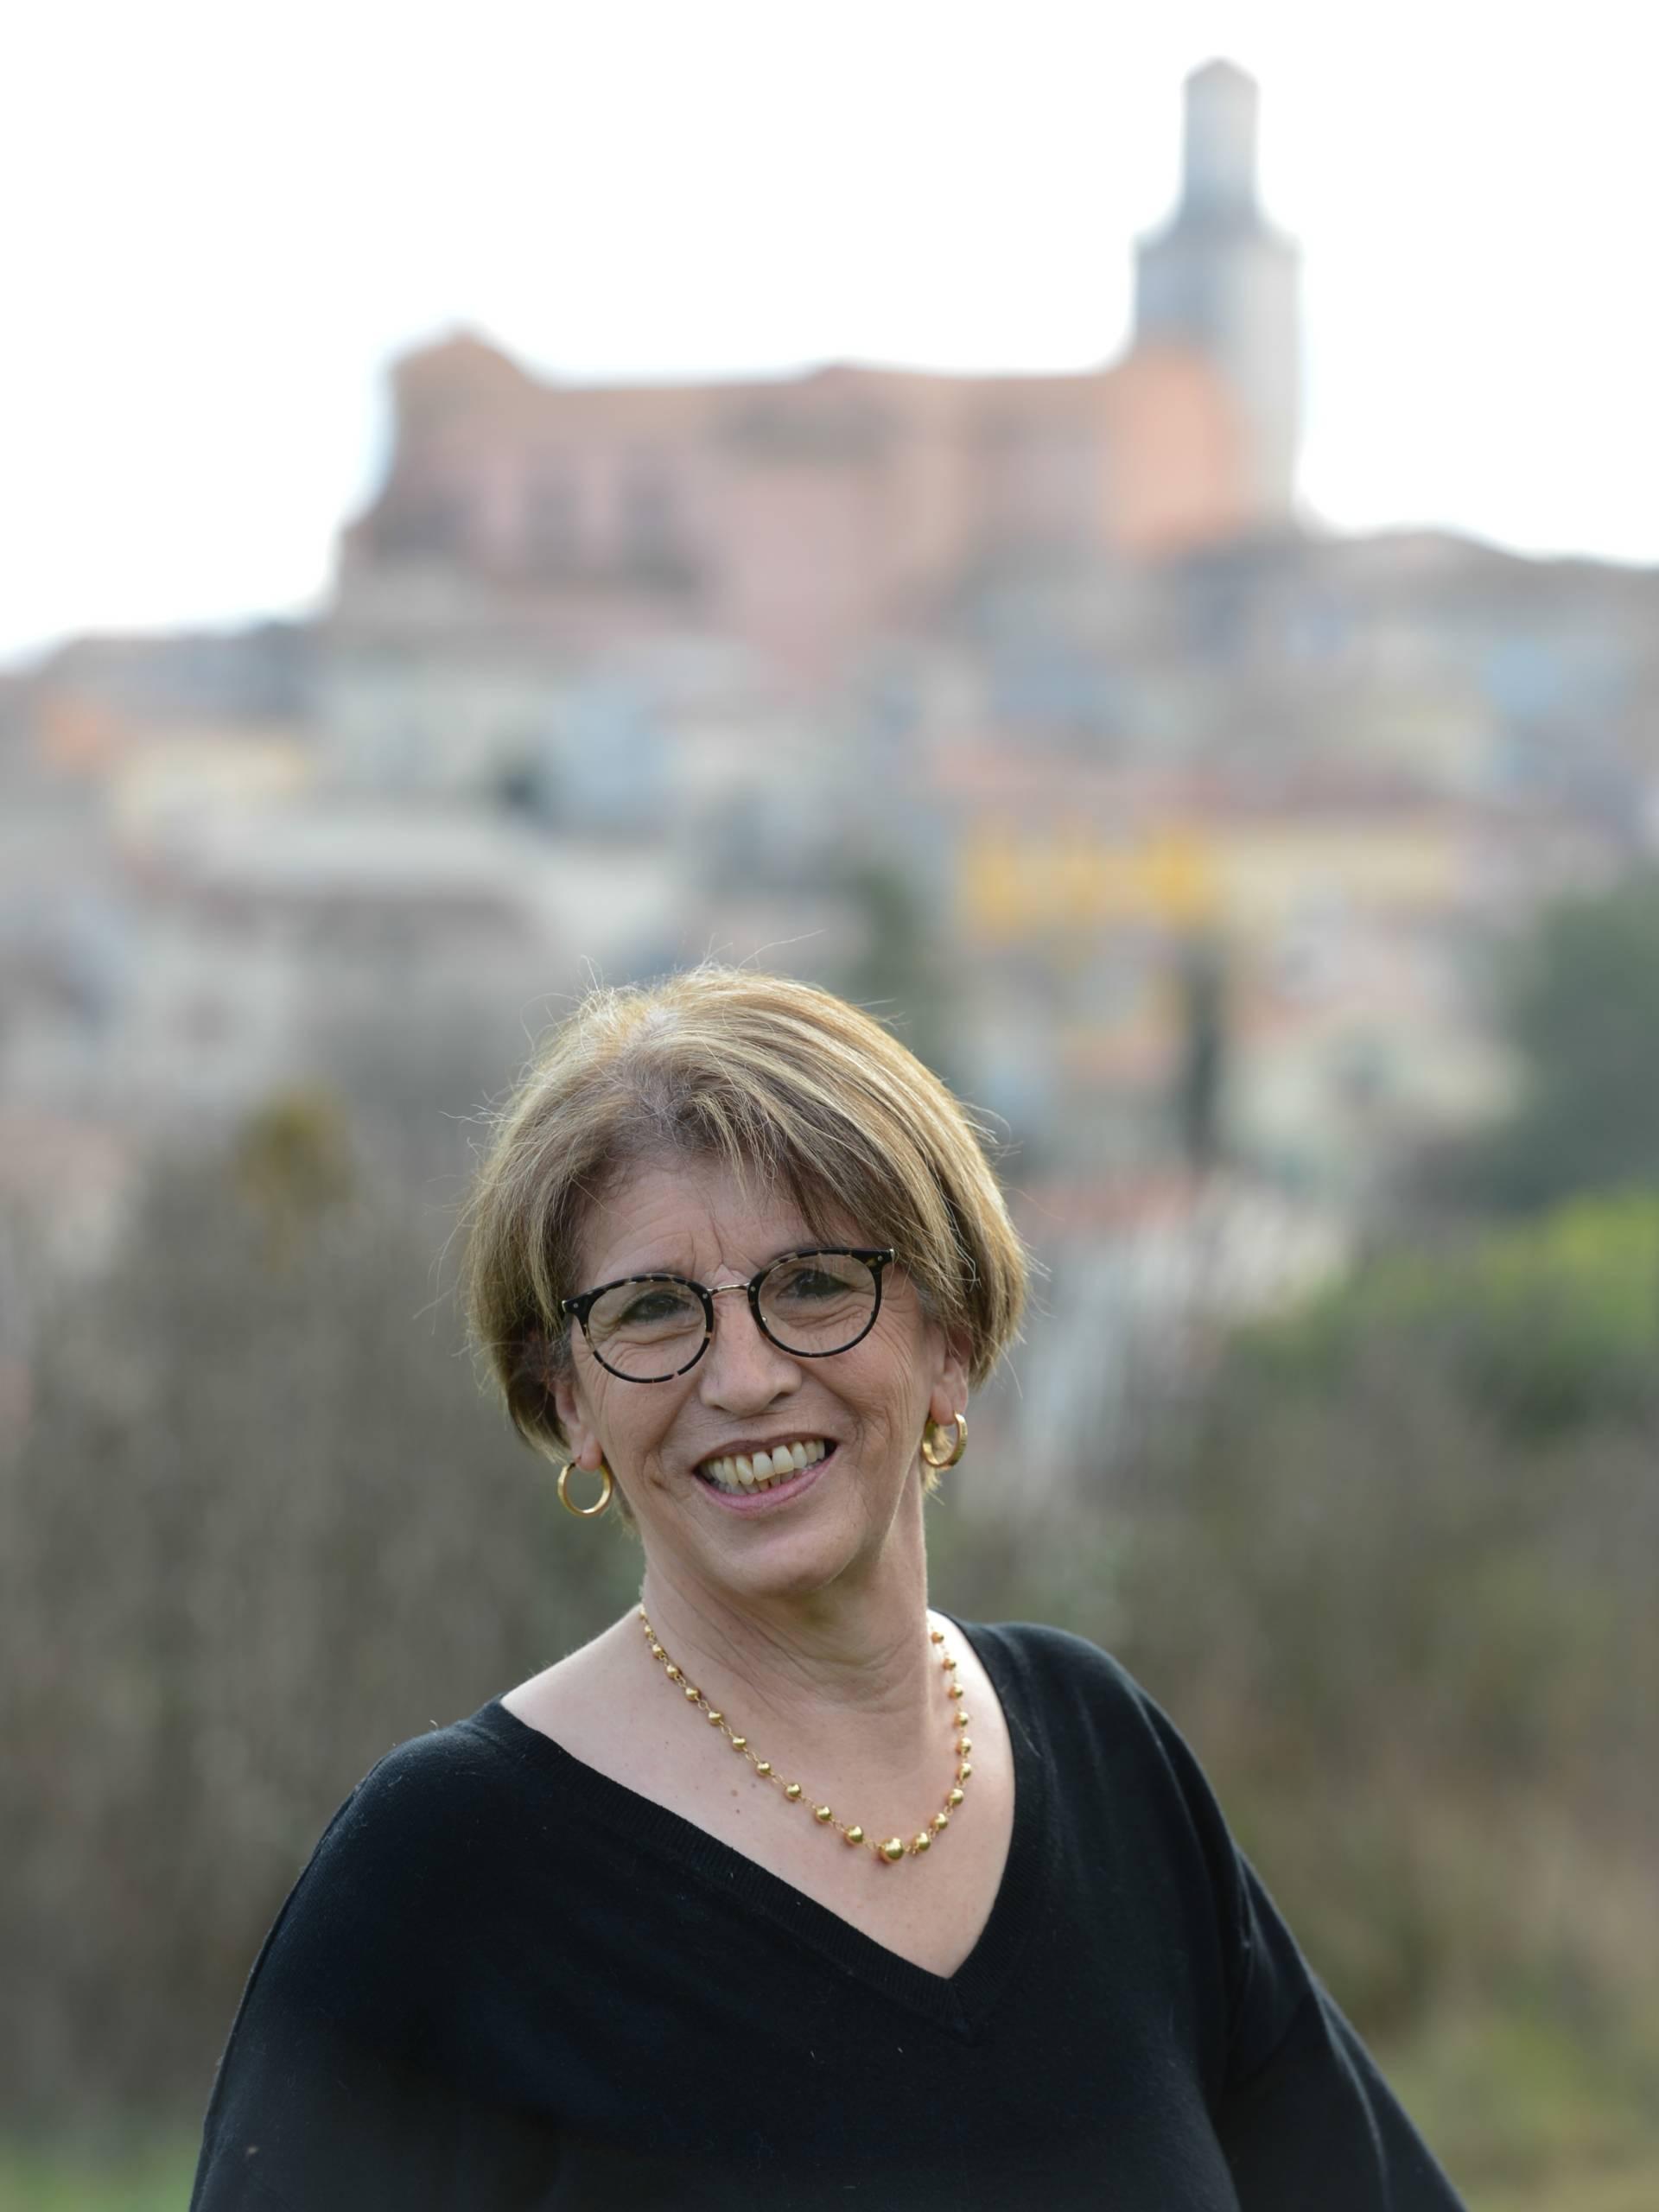 Martine Barthelemy